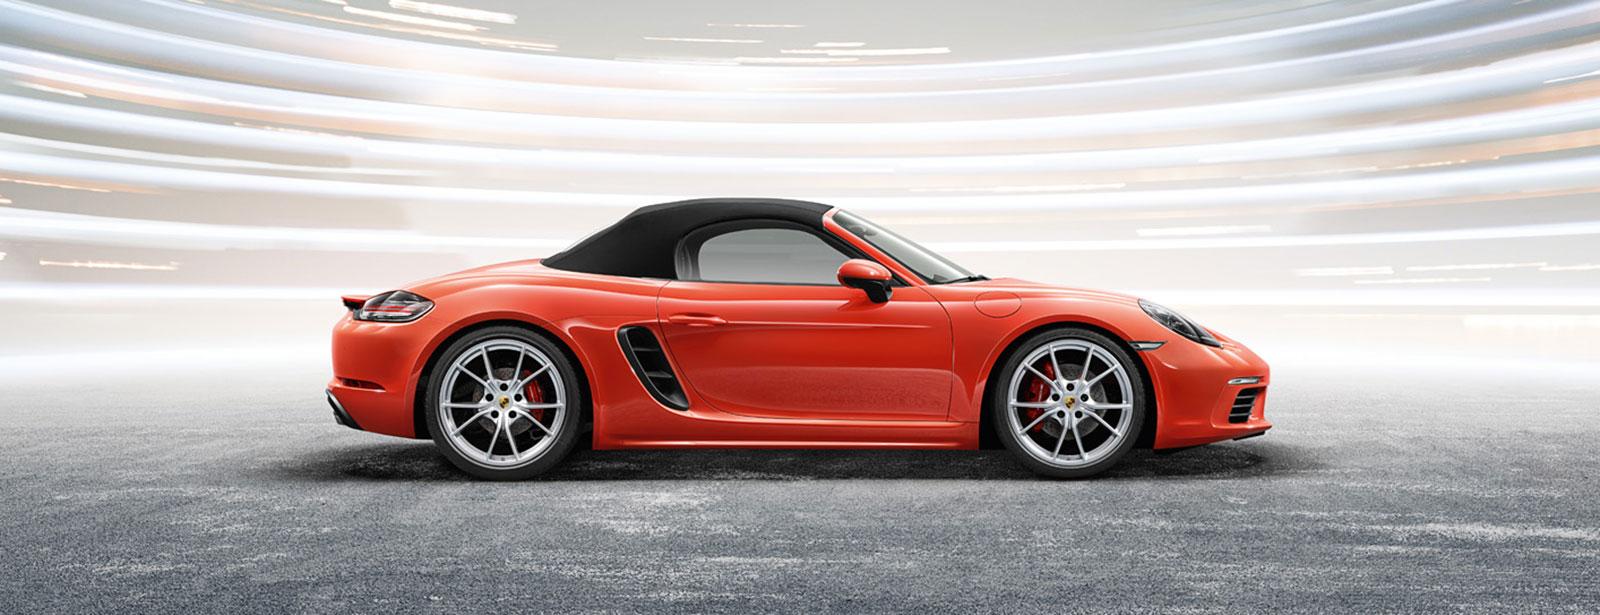 Porsche Cabriolet-Verdeckpflege